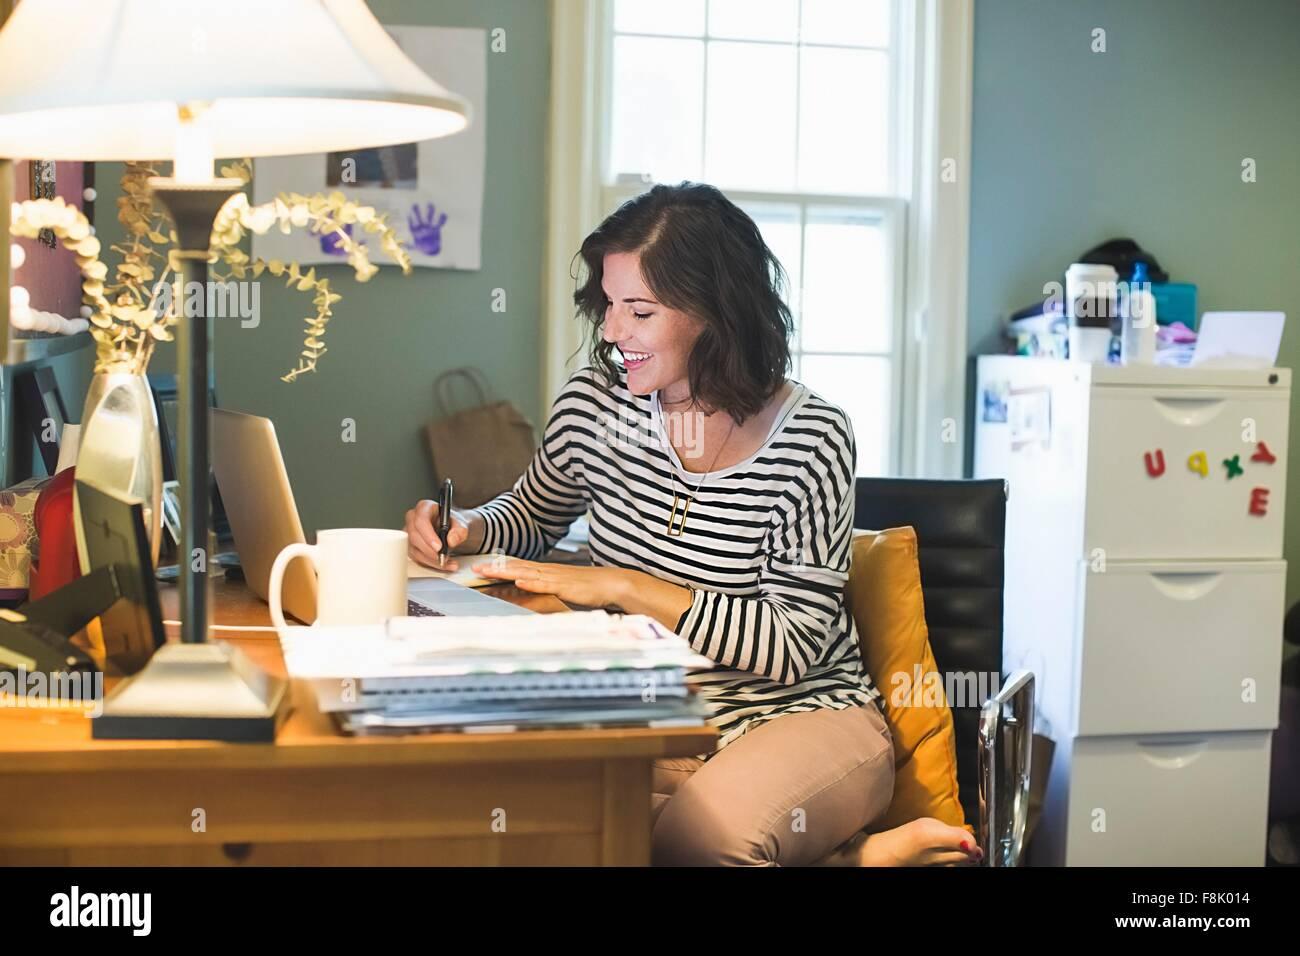 Mitte erwachsenen Frau am Schreibtisch, Laptop und Kaffee Tasse vor ihr schreiben in Buch Stockbild